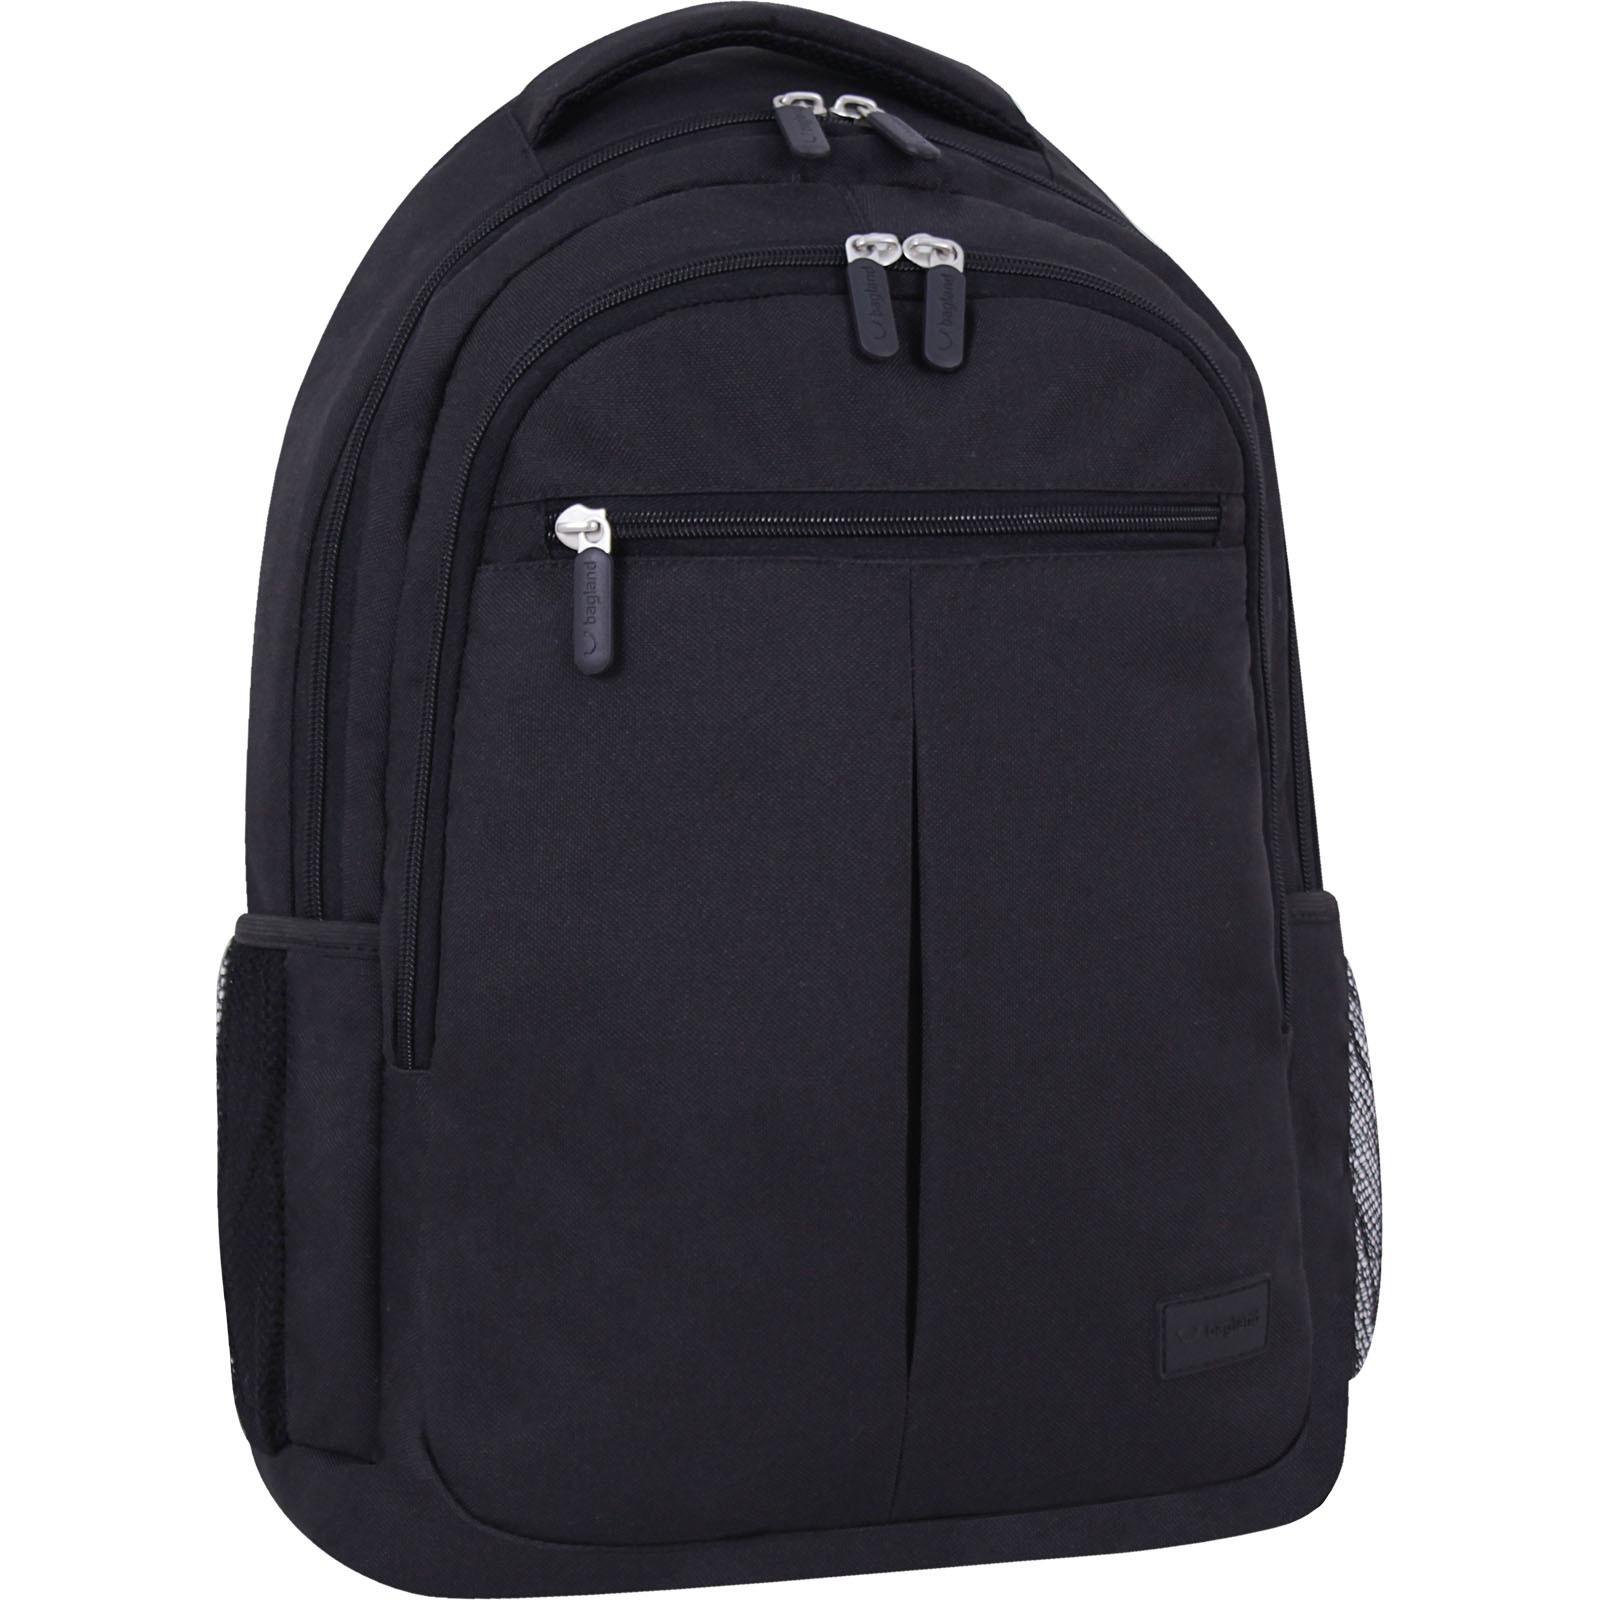 Мужские рюкзаки Рюкзак Bagland Дрезден 32 л. Чёрный (0051966) IMG_2497-1600.jpg